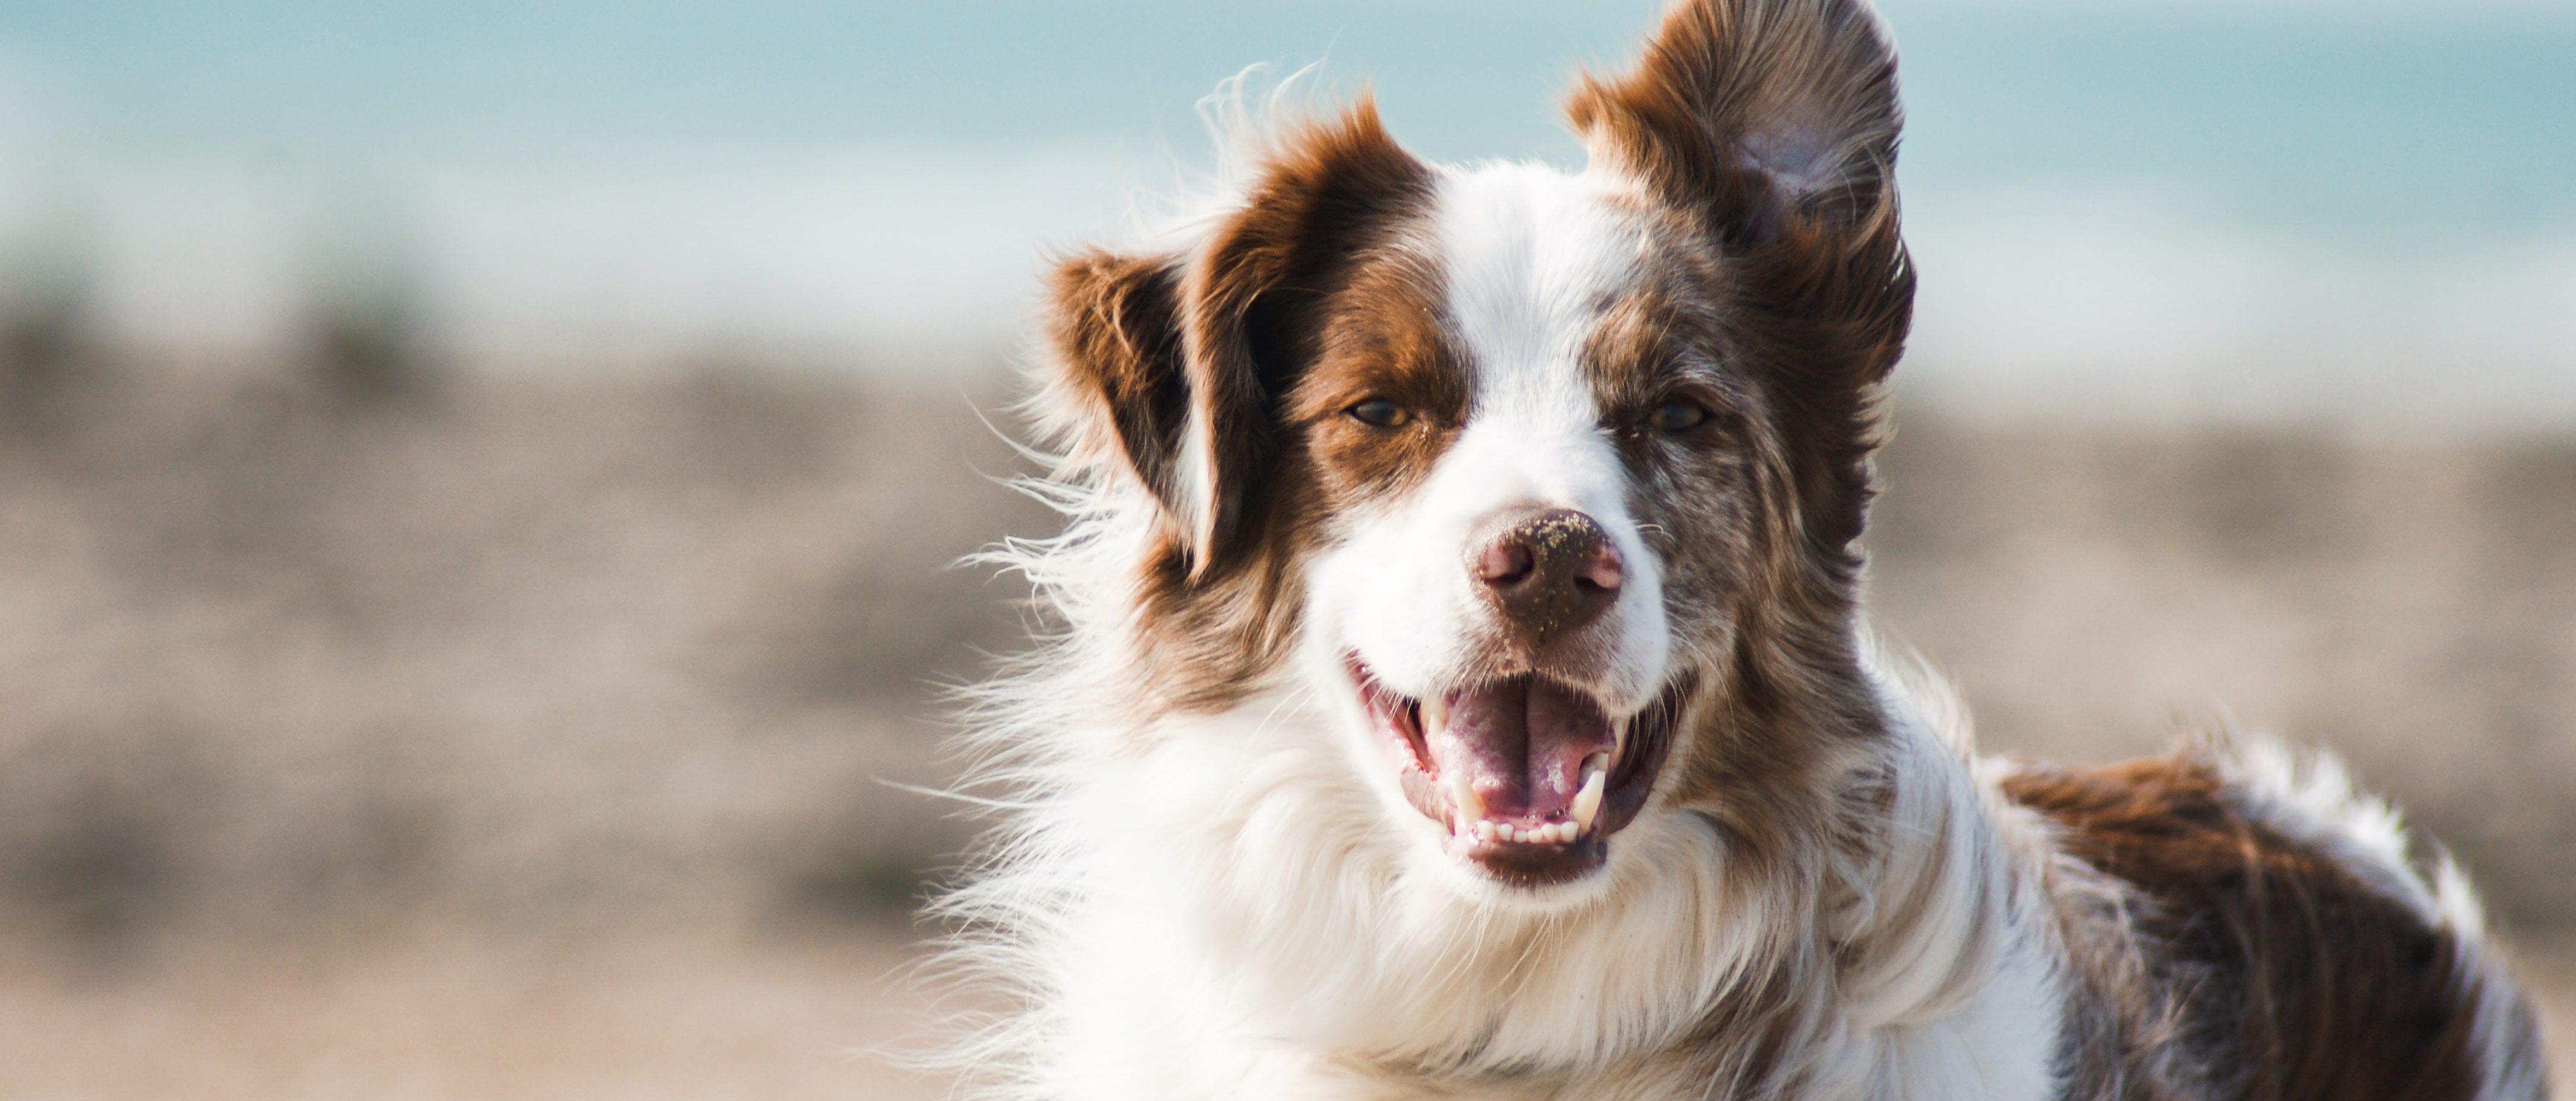 resolving pet custody disputes